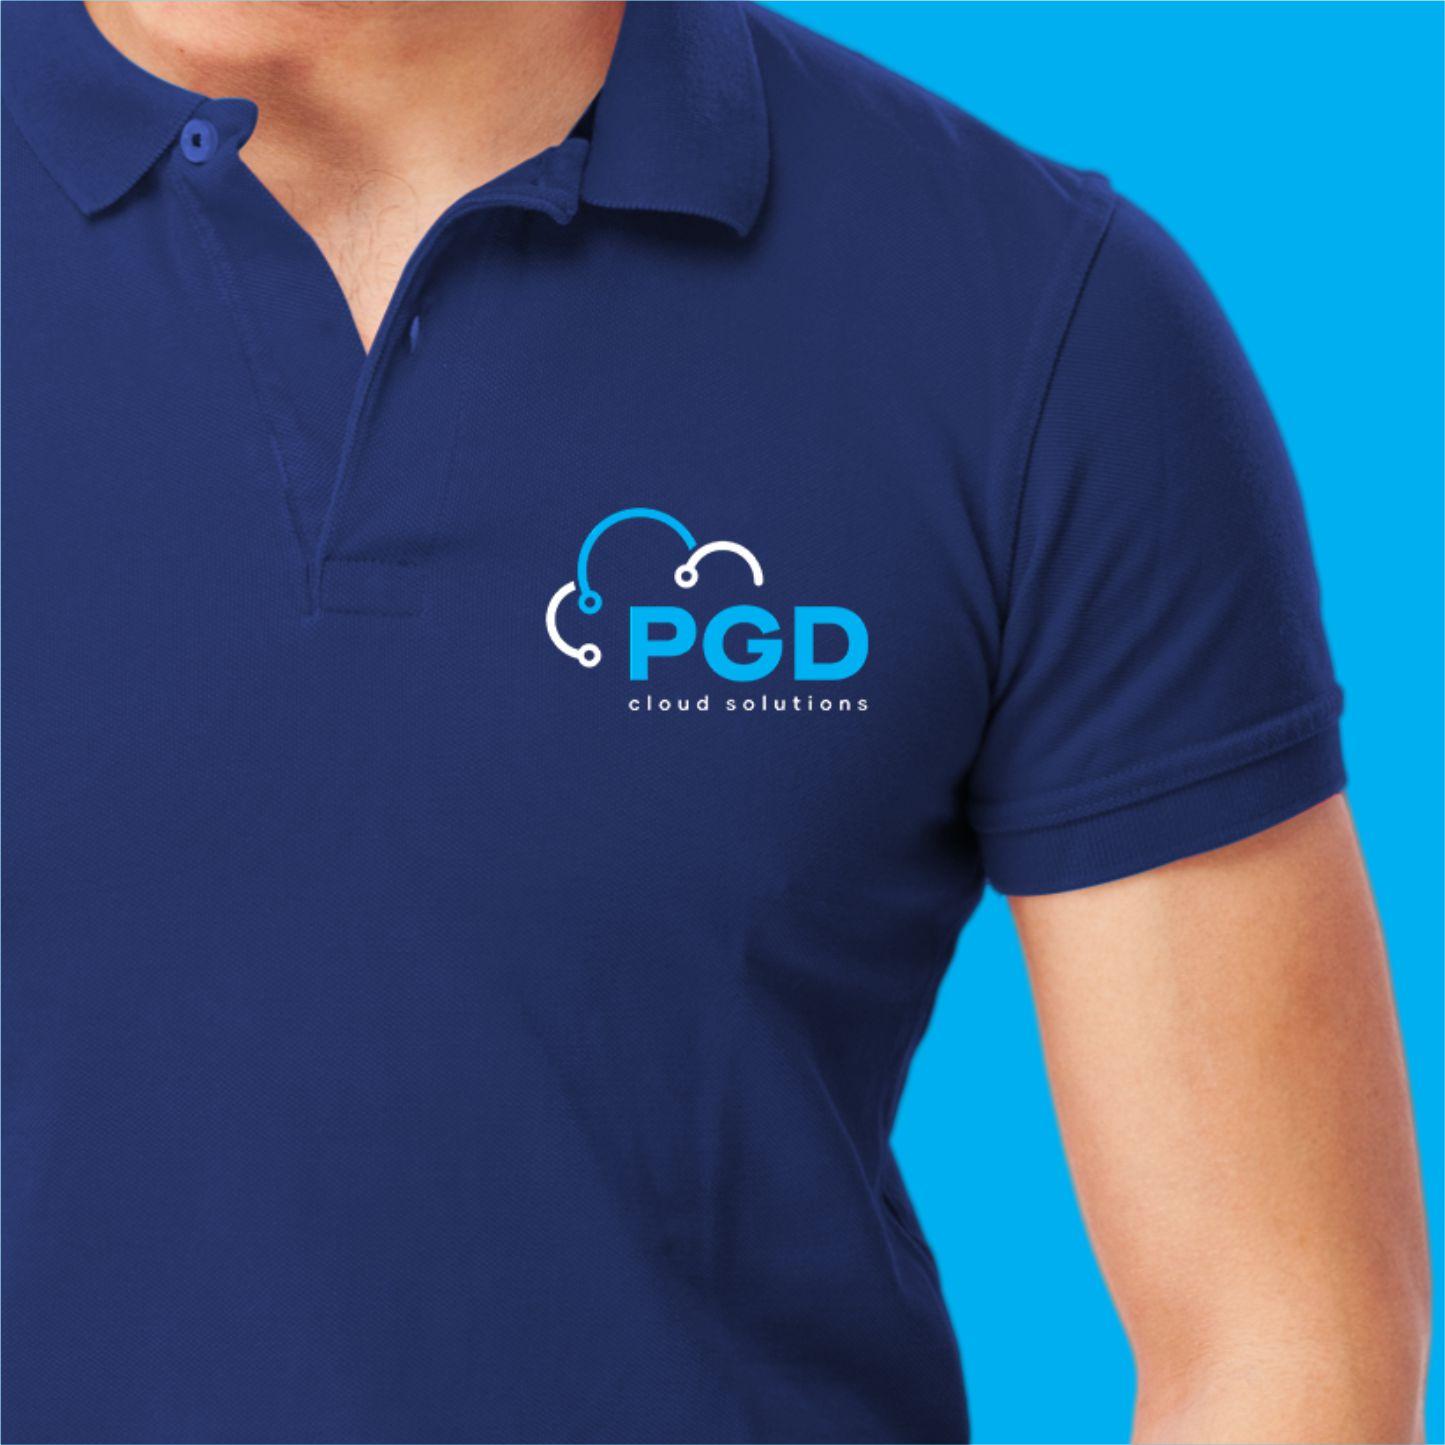 pgd-cloud-camisa